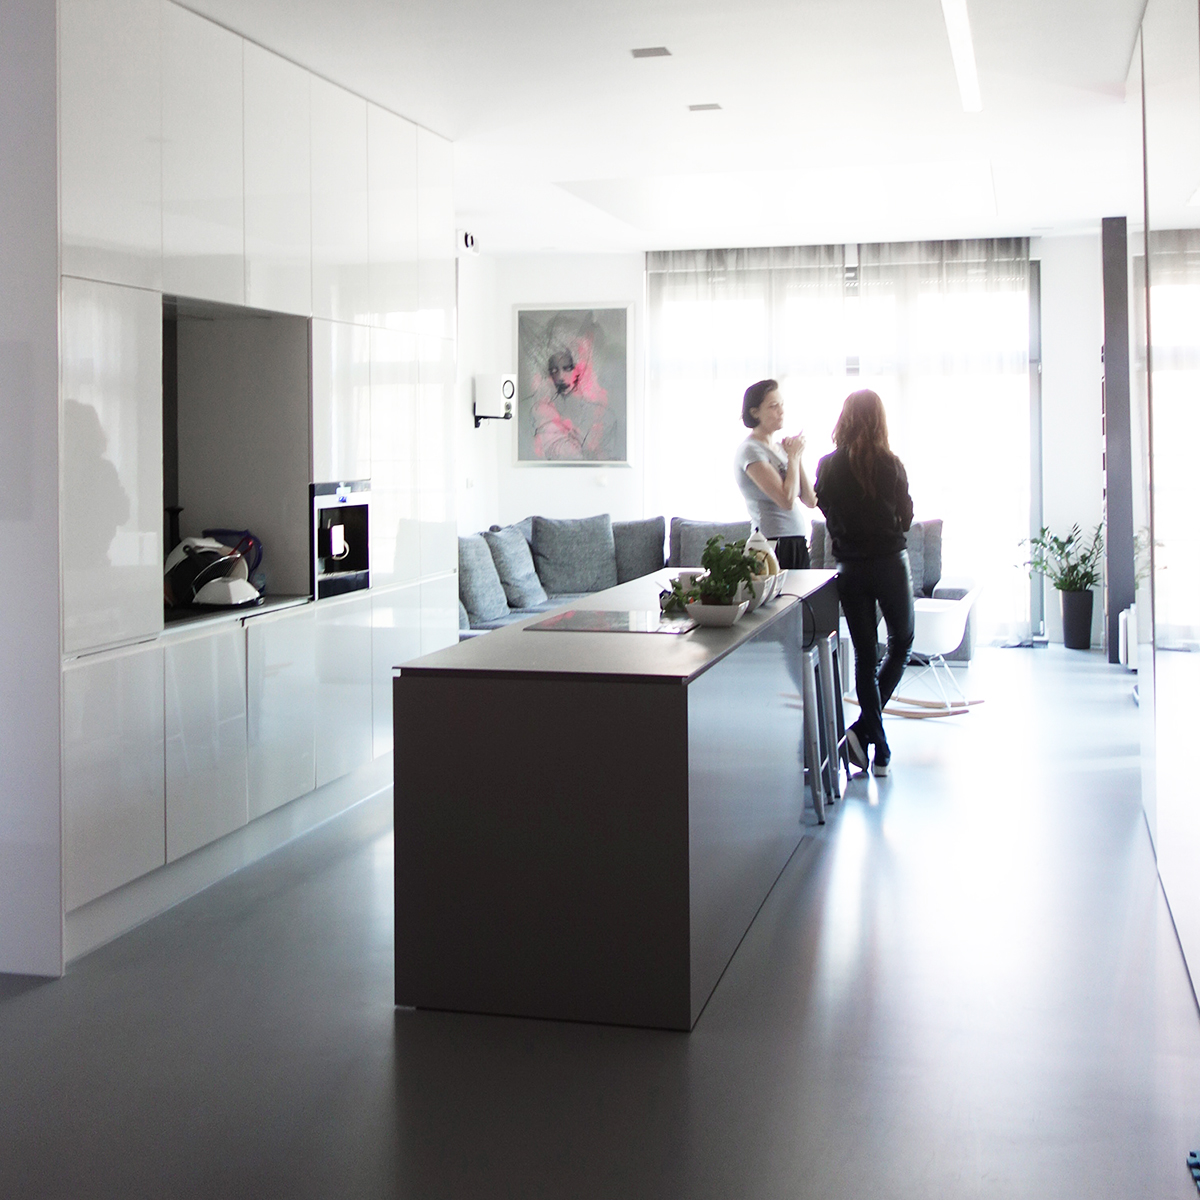 prosto architekci_apartament + biuro (1)